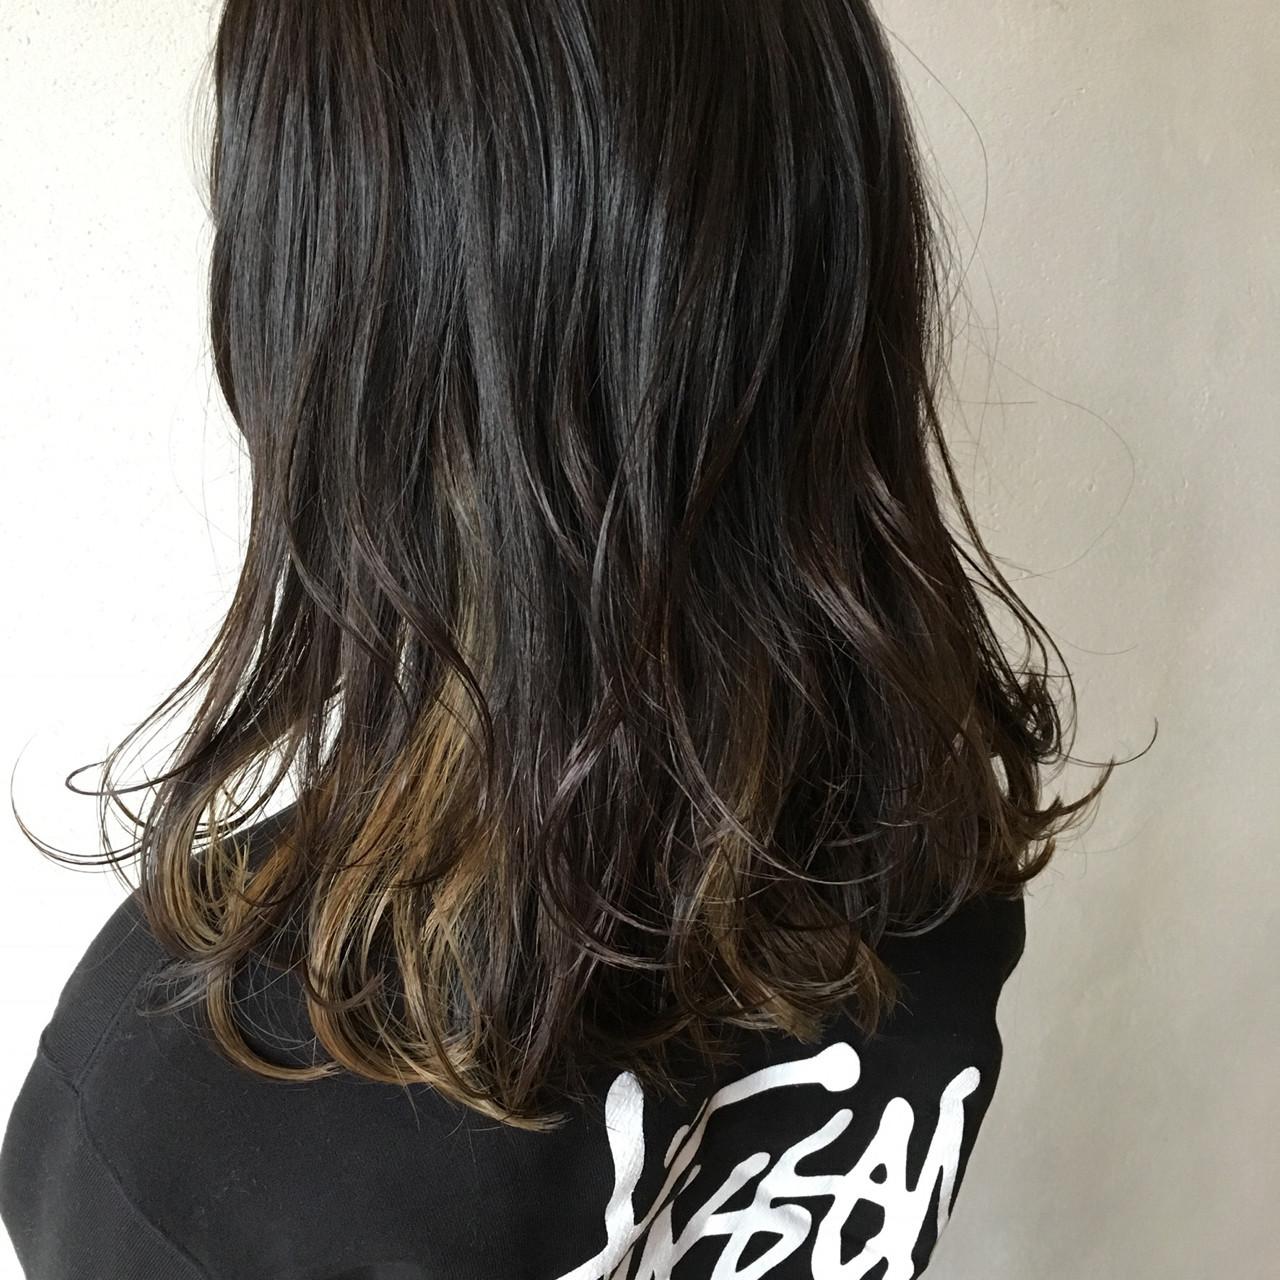 インナーカラー 3Dカラー 外国人風カラー ミディアム ヘアスタイルや髪型の写真・画像